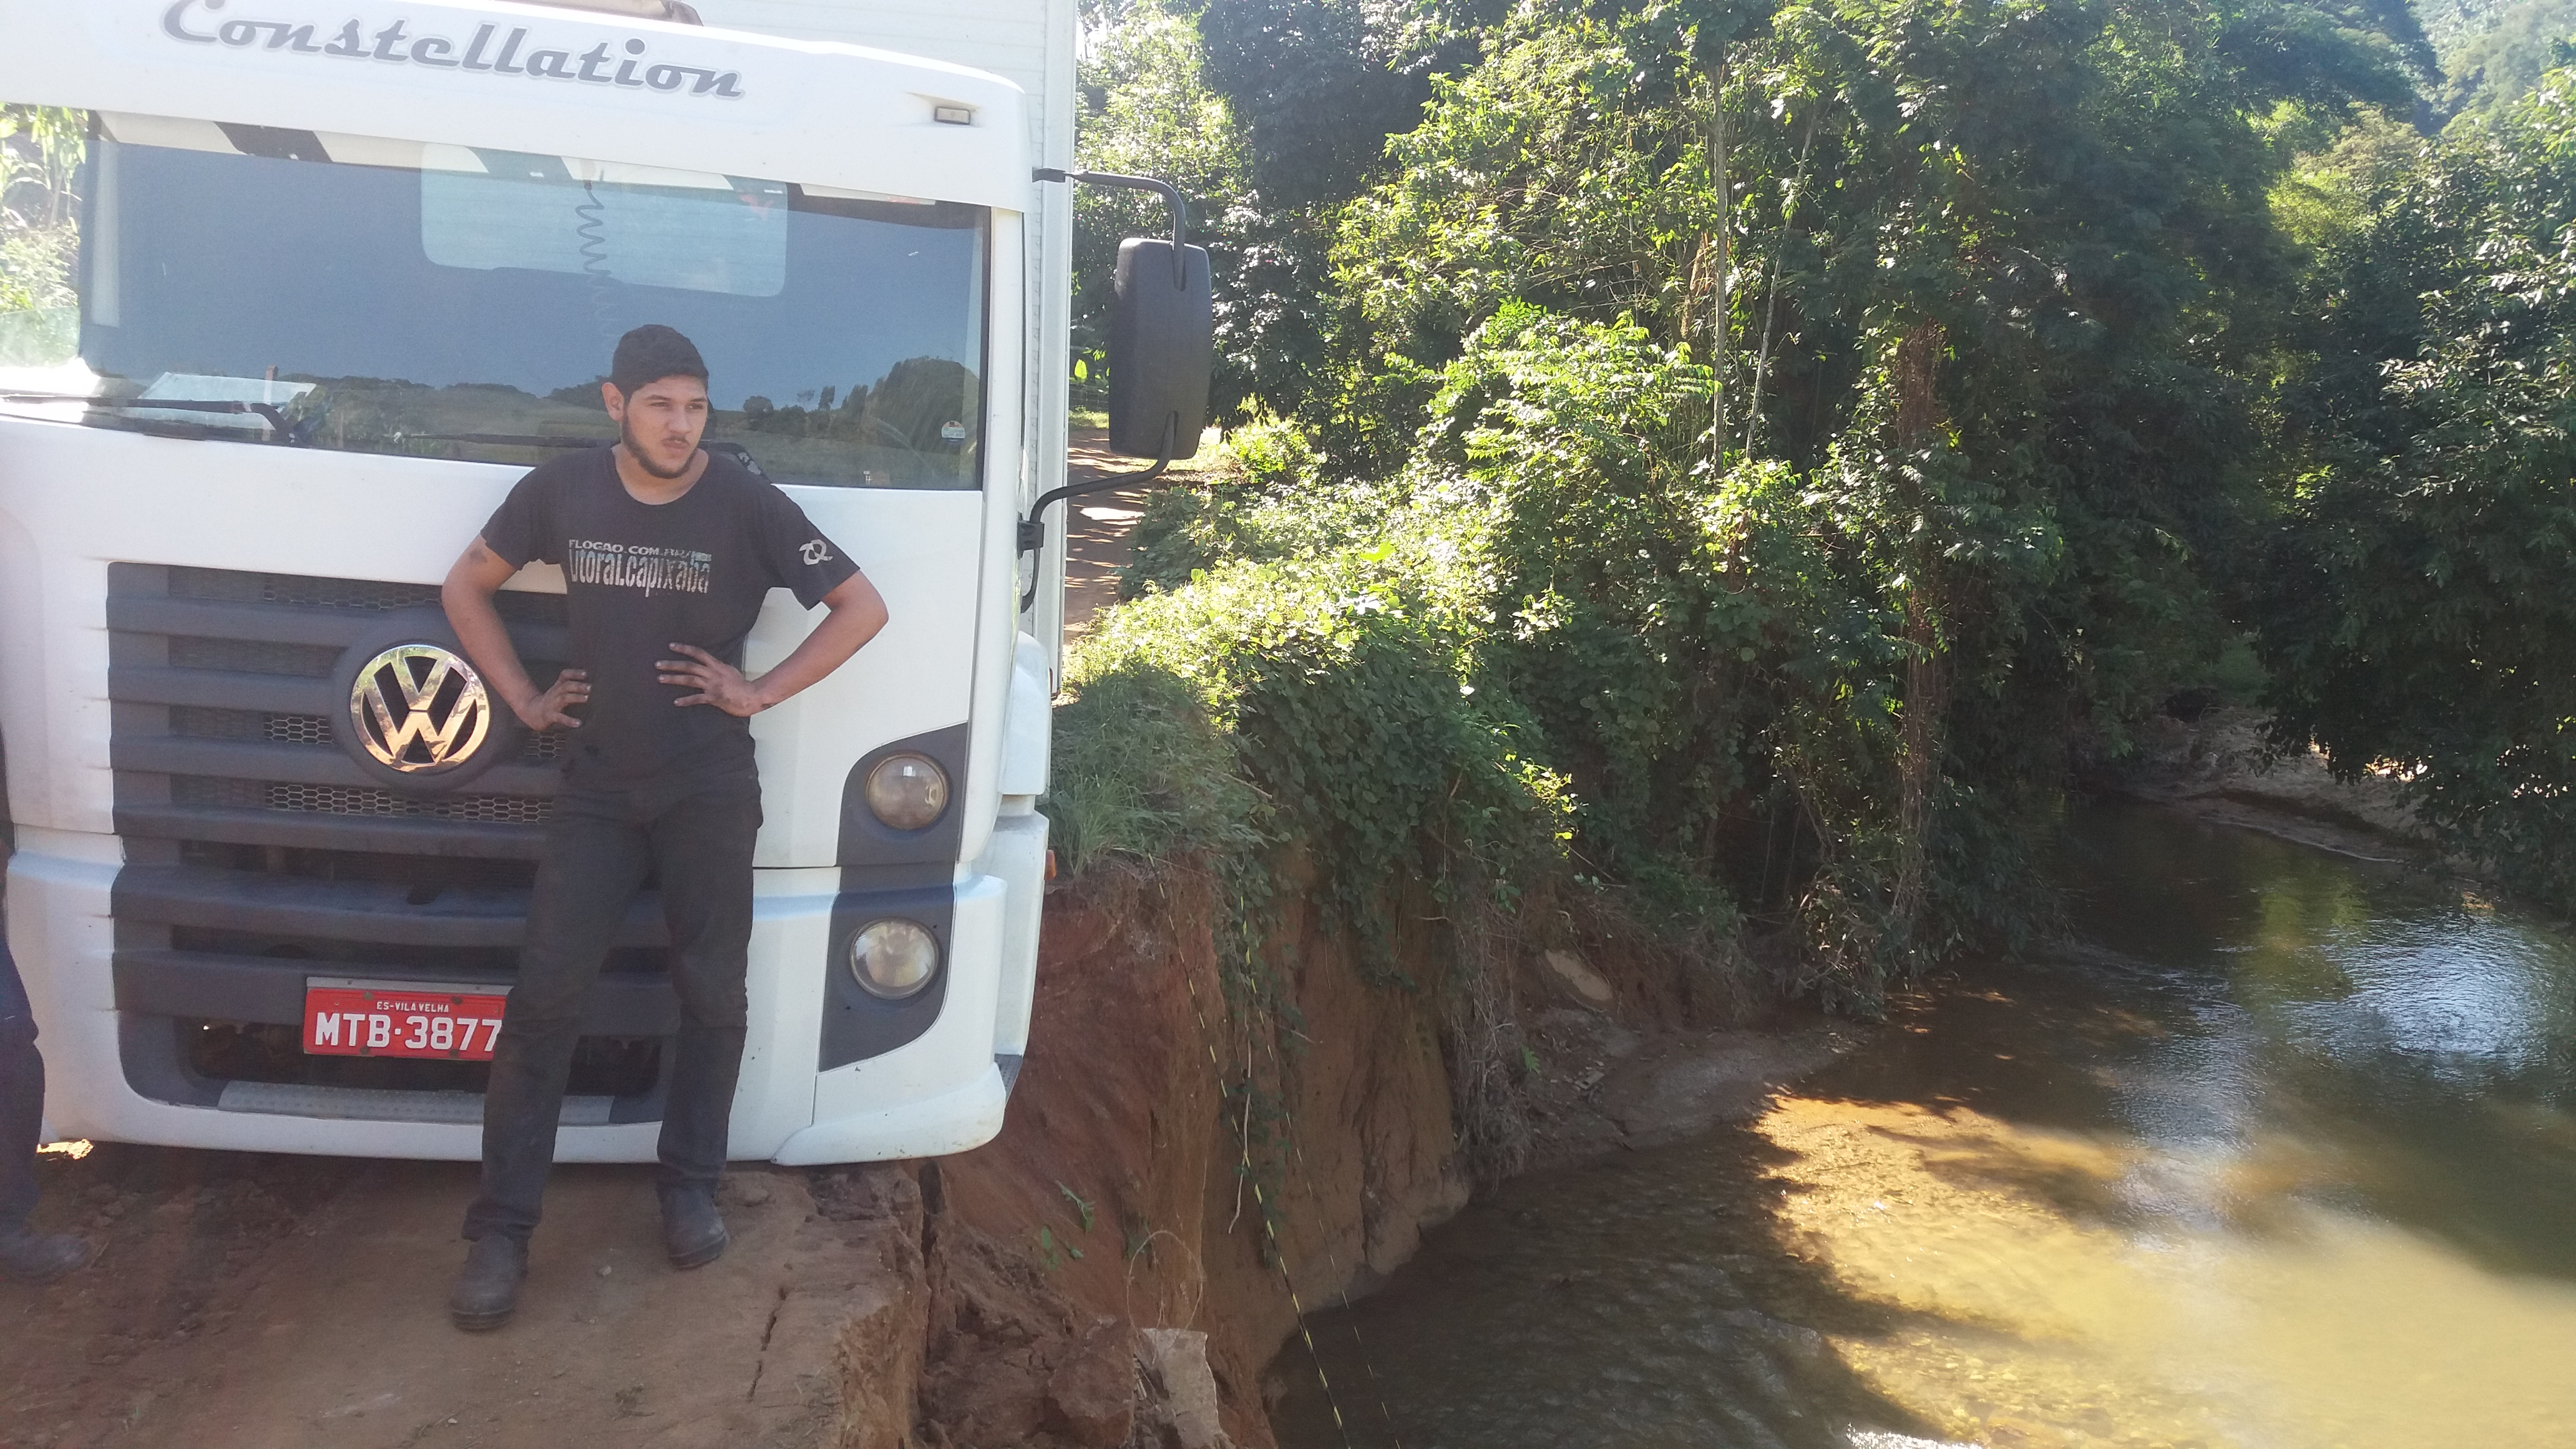 Motorista pega desvio e provoca outro acidente em Iconha